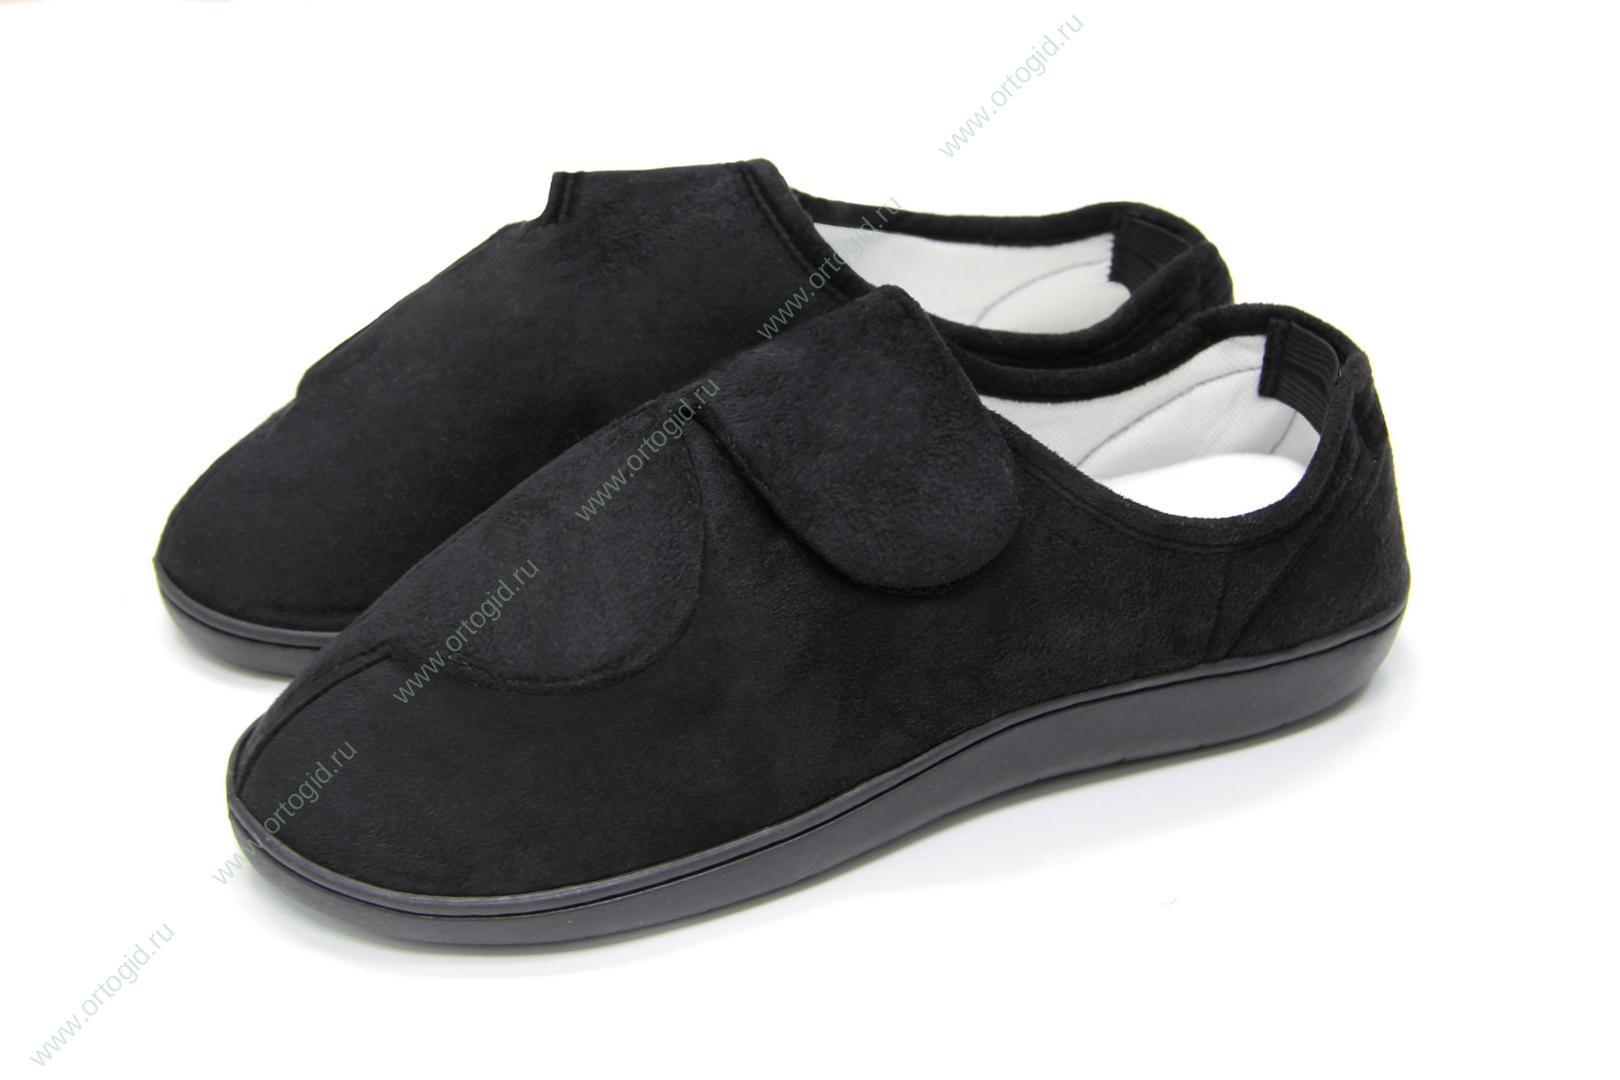 60ac907ea Ортопедическая обувь   Ортопедический салон ОРТОГИД